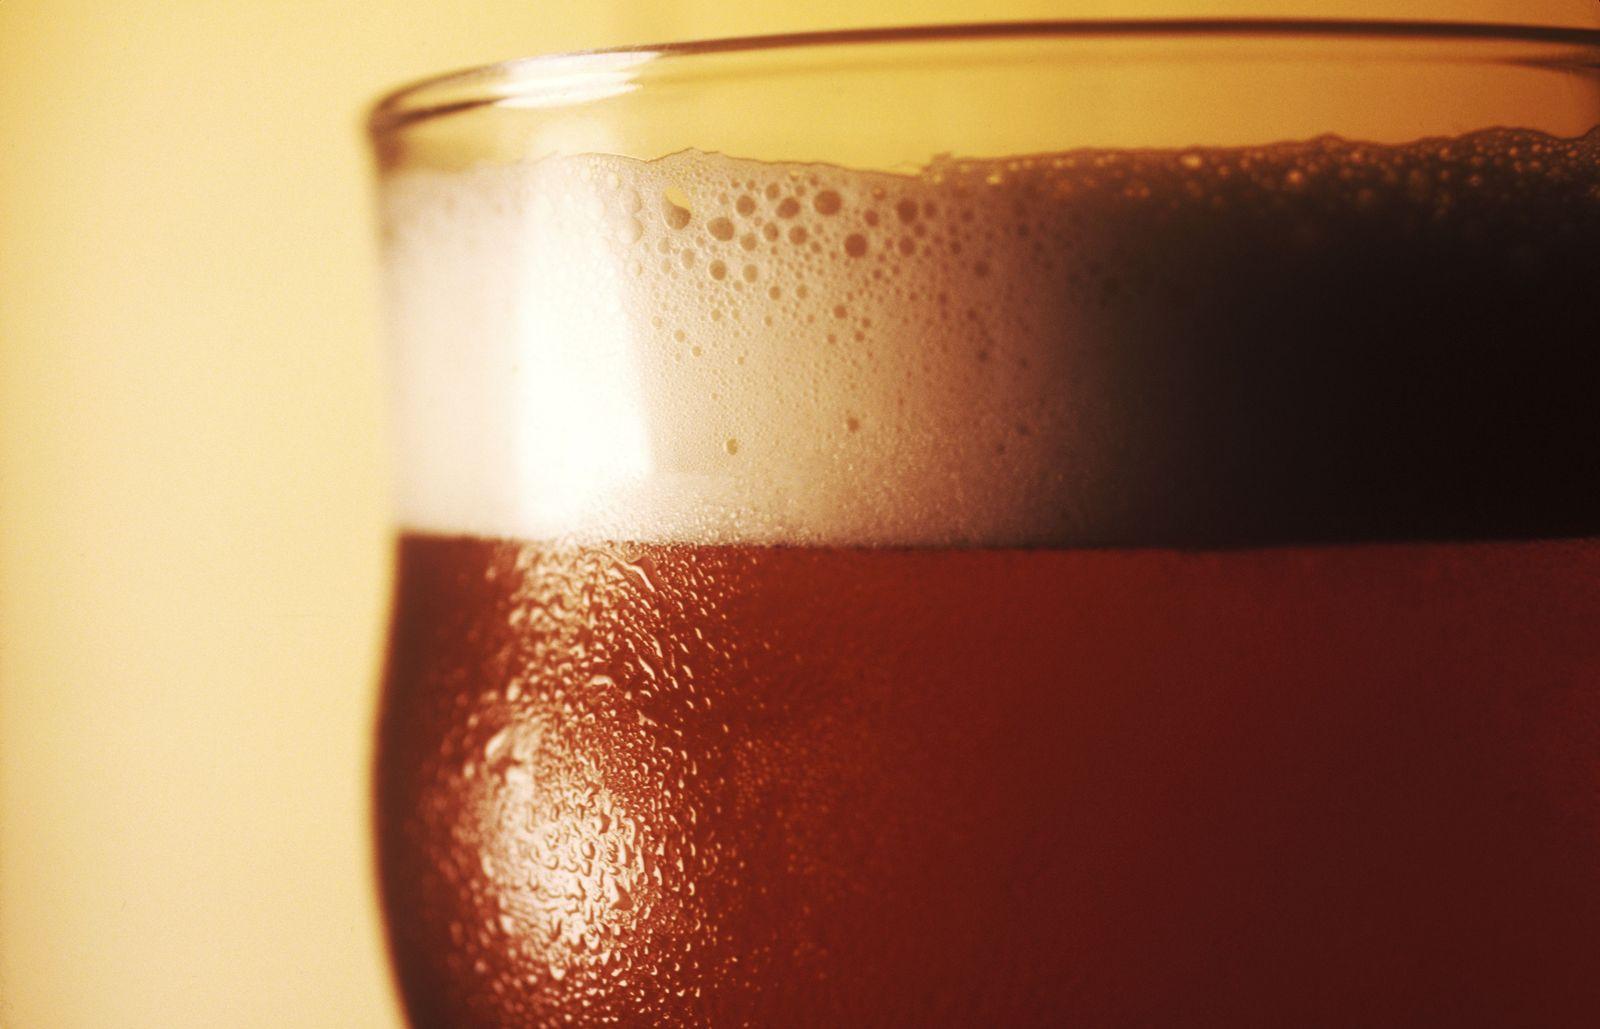 NICHT MEHR VERWENDEN! - Bier / Schwarzbier